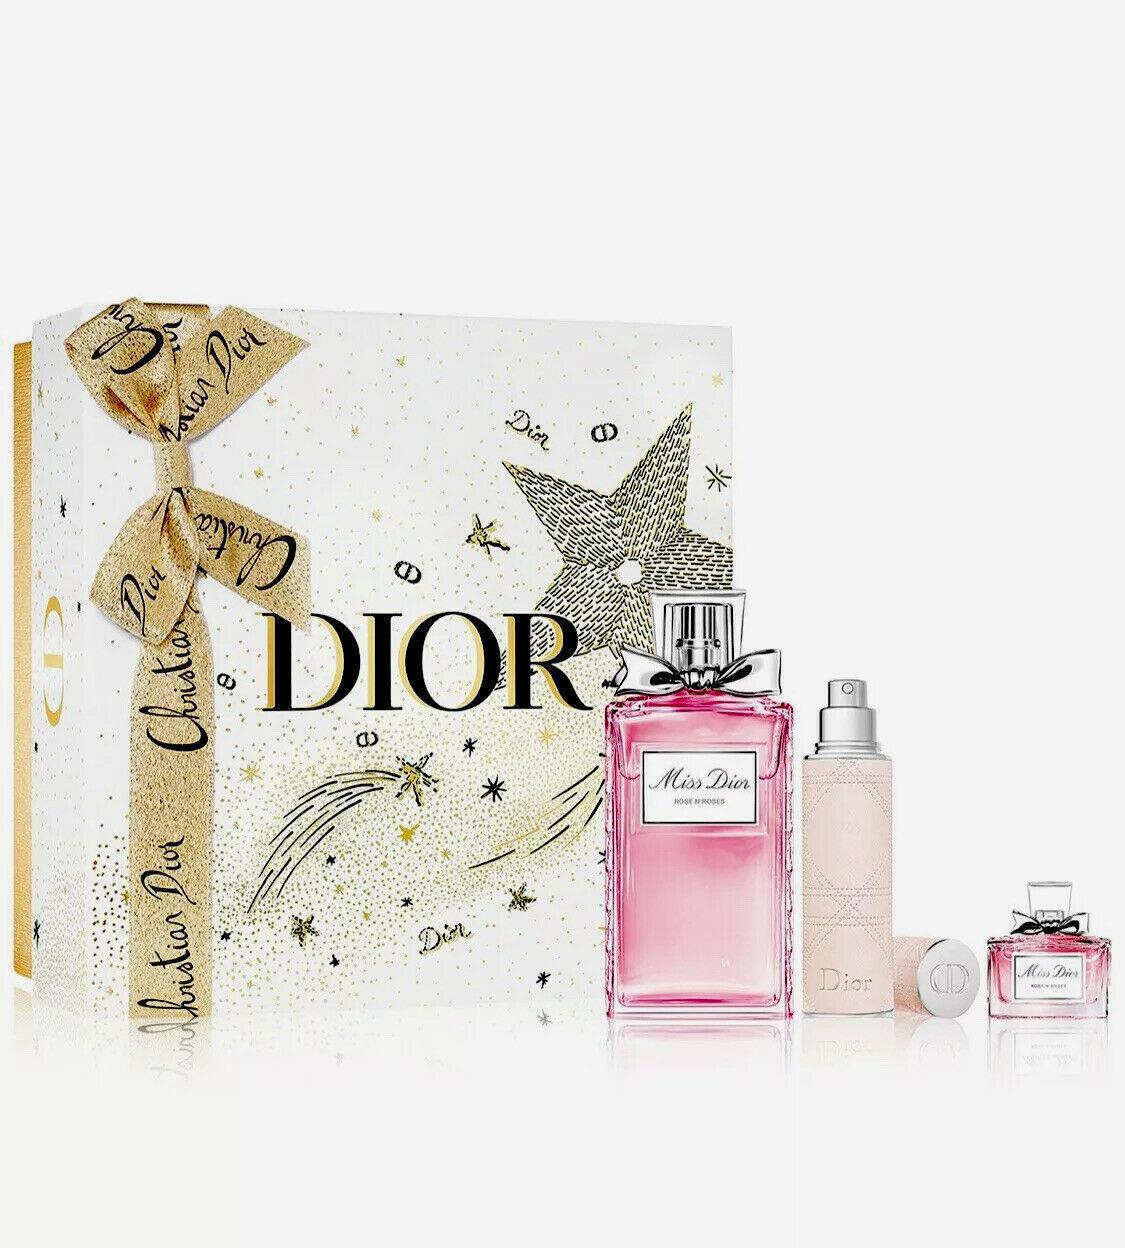 Christian dior miss dior rose n roses perfume set